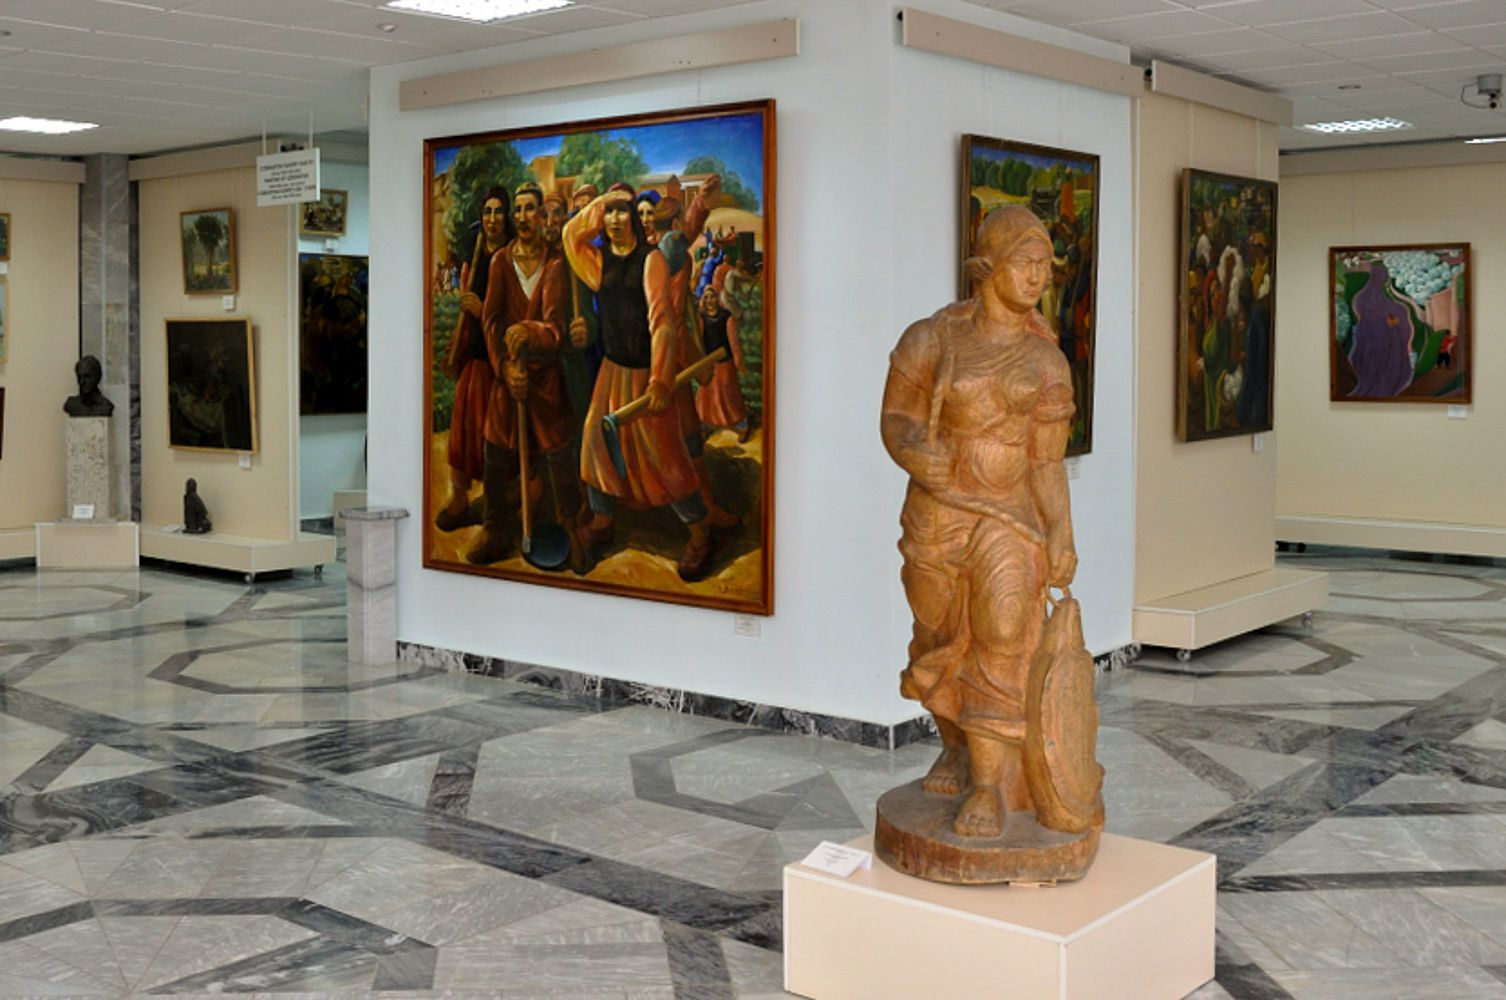 موزه نیکو کویتسکی در کاراکالپشتان سفر بهبکستان